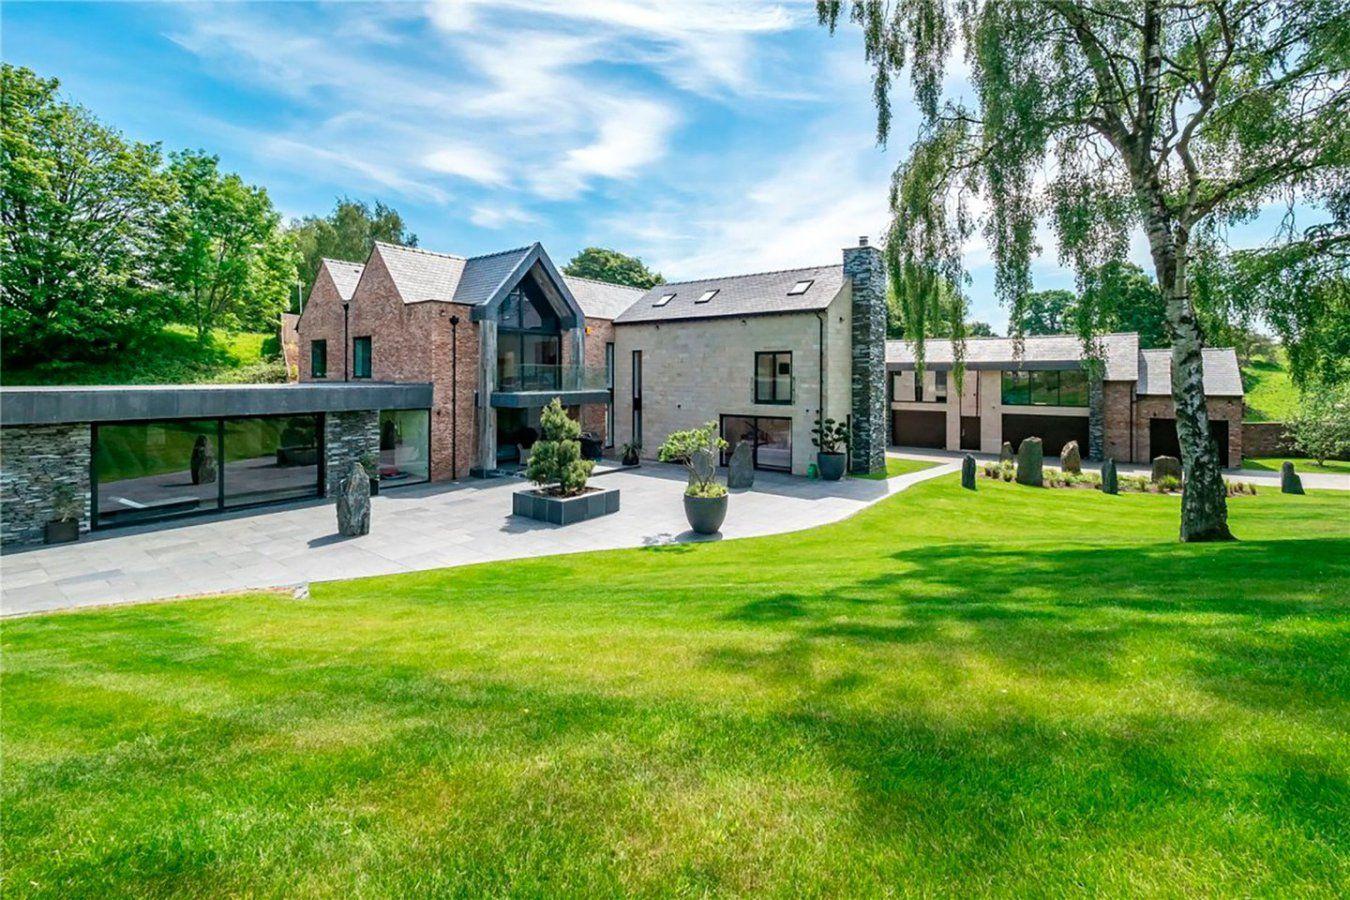 Así es la mansión donde viven Cristiano Ronaldo y Georgina Rodríguez en Manchester